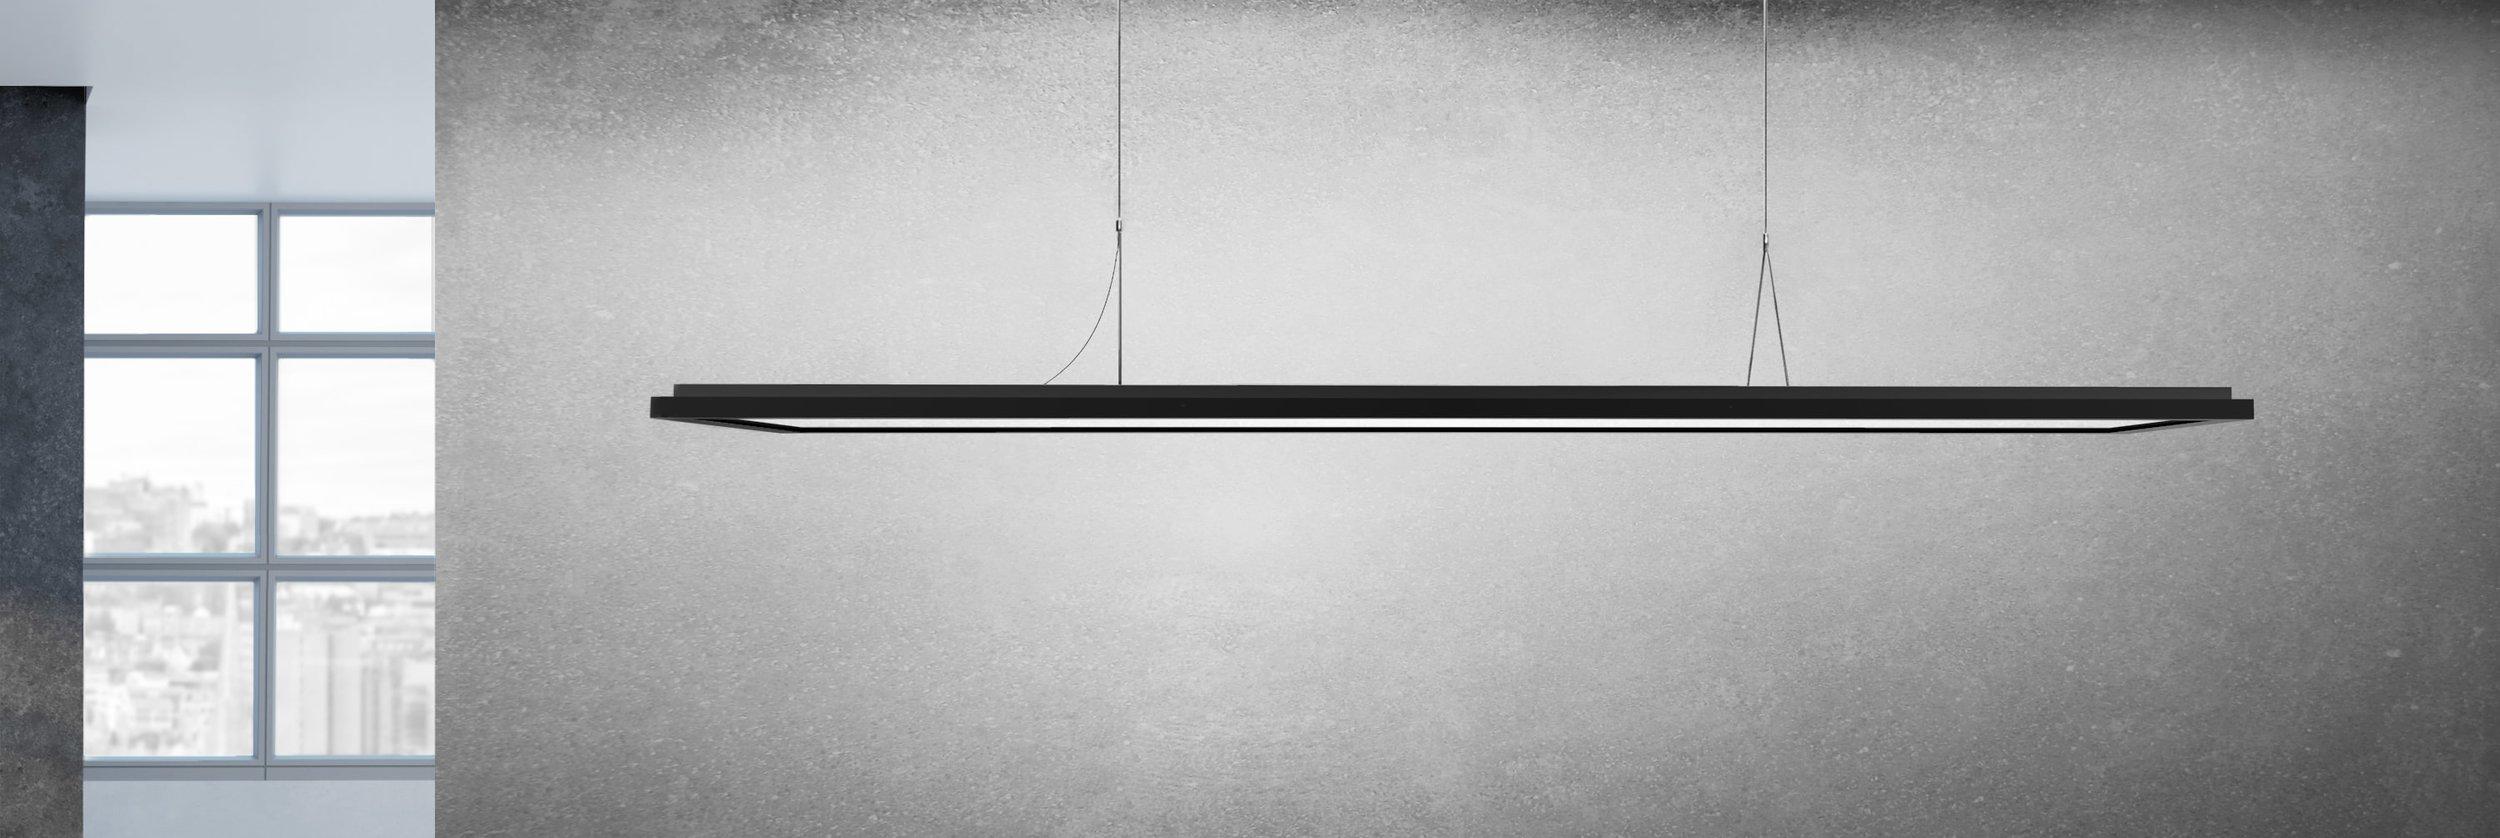 glyde-suspended-banner.jpg